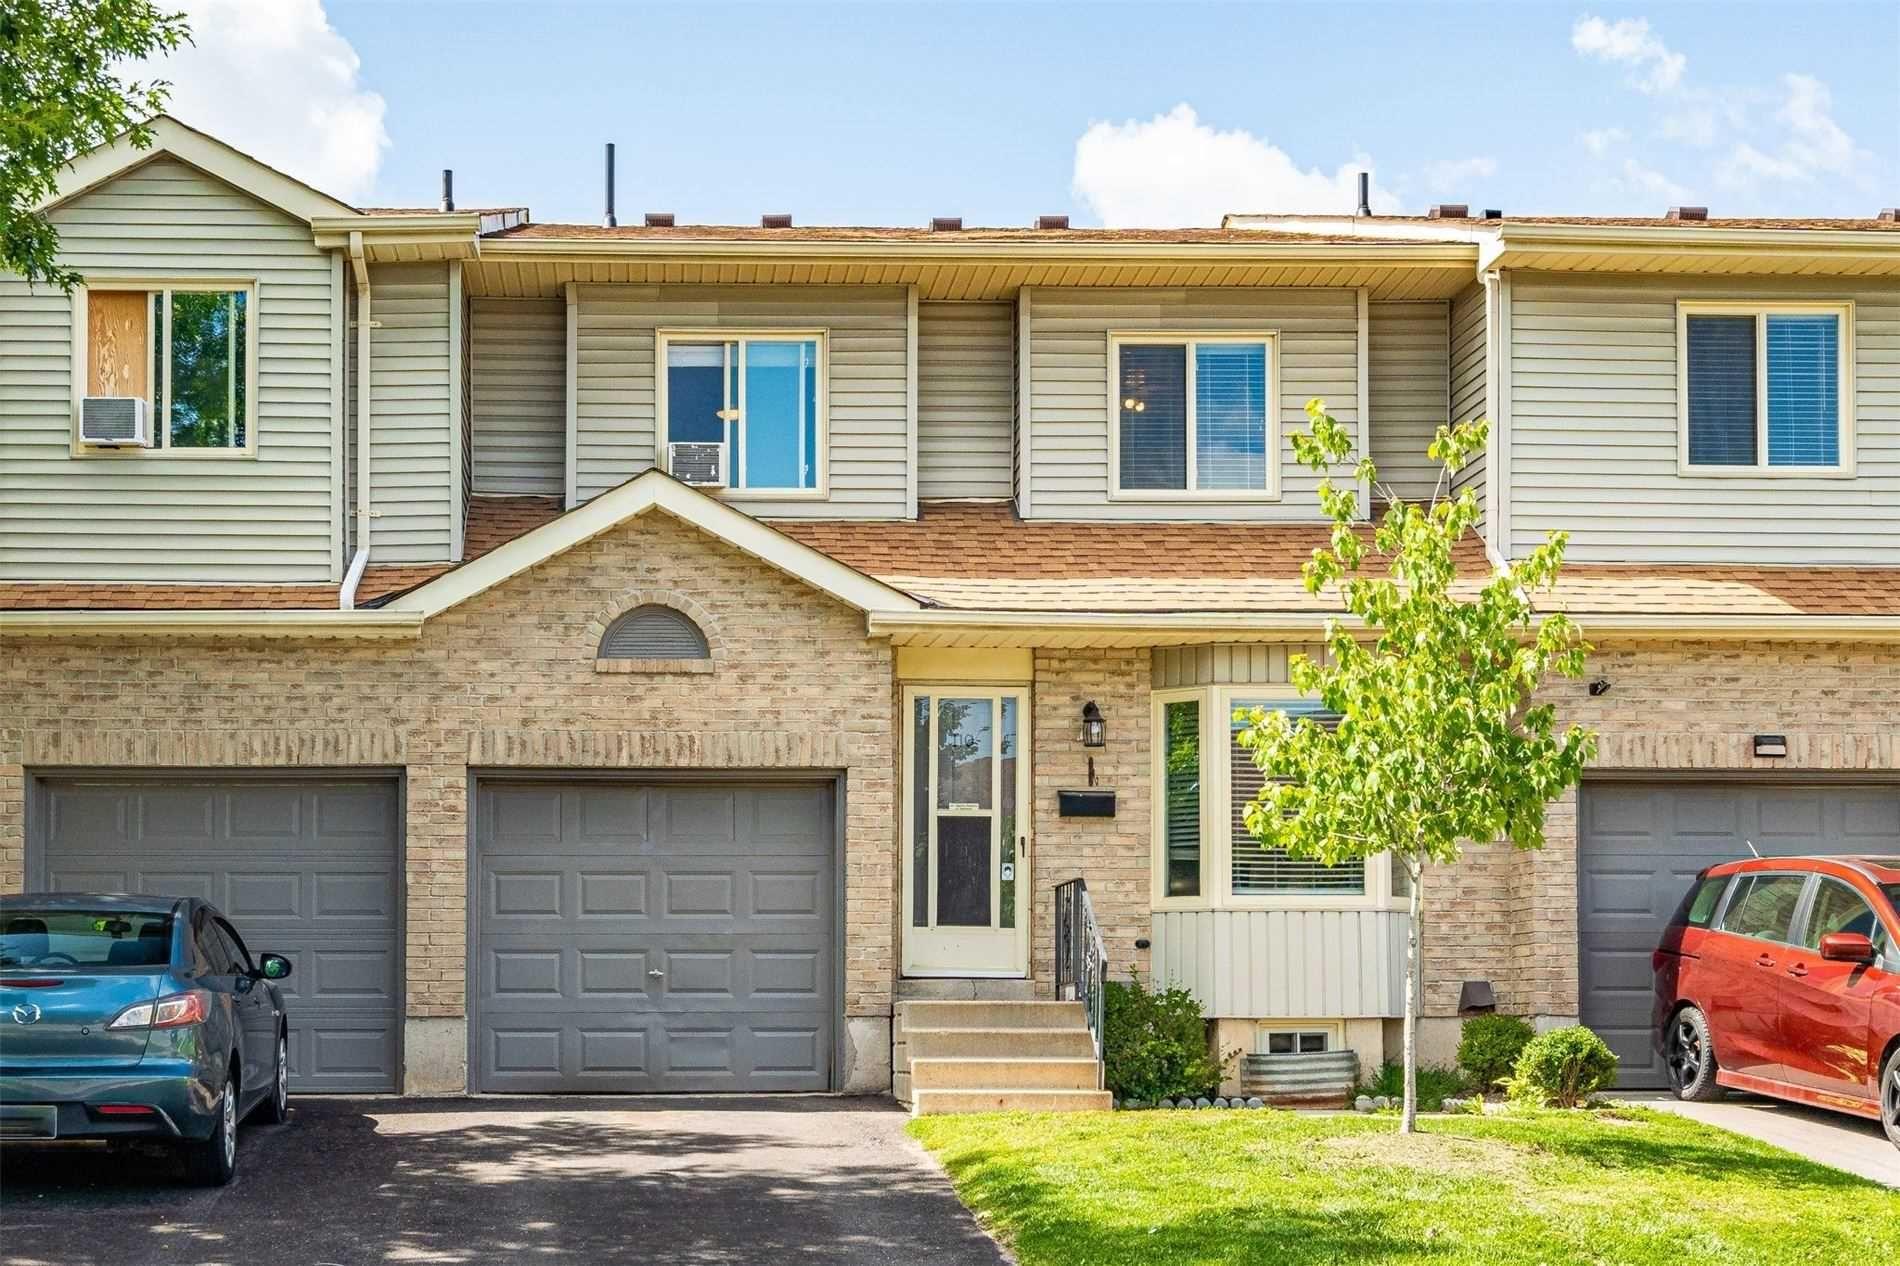 Main Photo: 110 90 Lawrence Avenue: Orangeville Condo for sale : MLS®# W5329629